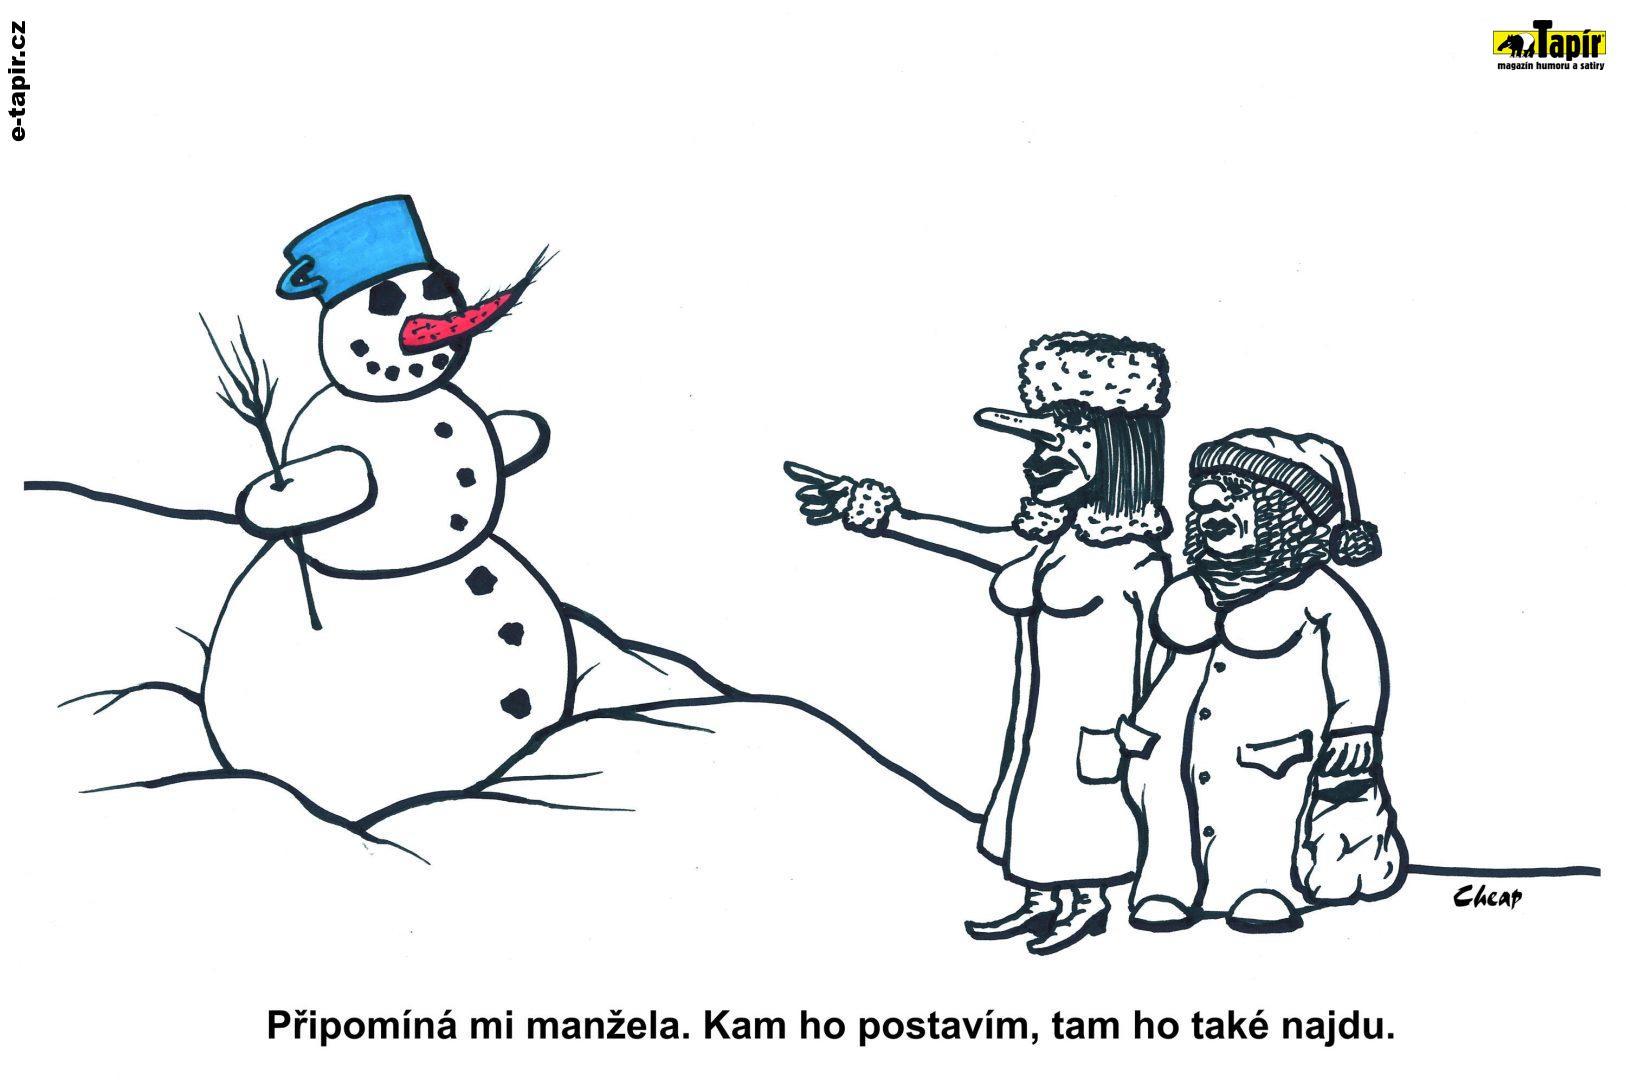 076 Snehulak-79c0b415